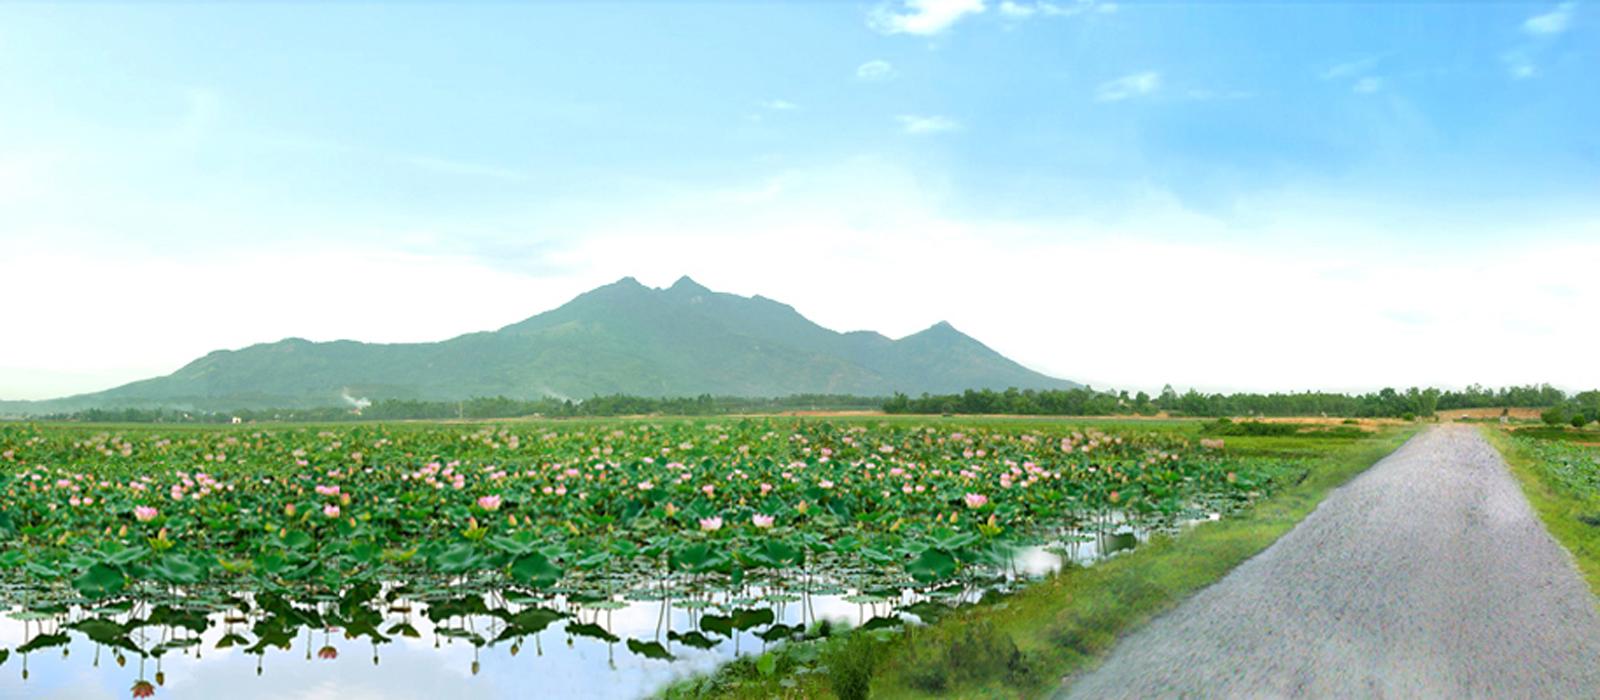 Đi du lịch Vườn Vua thưởng ngoạn đầm sen Bạch Thủy